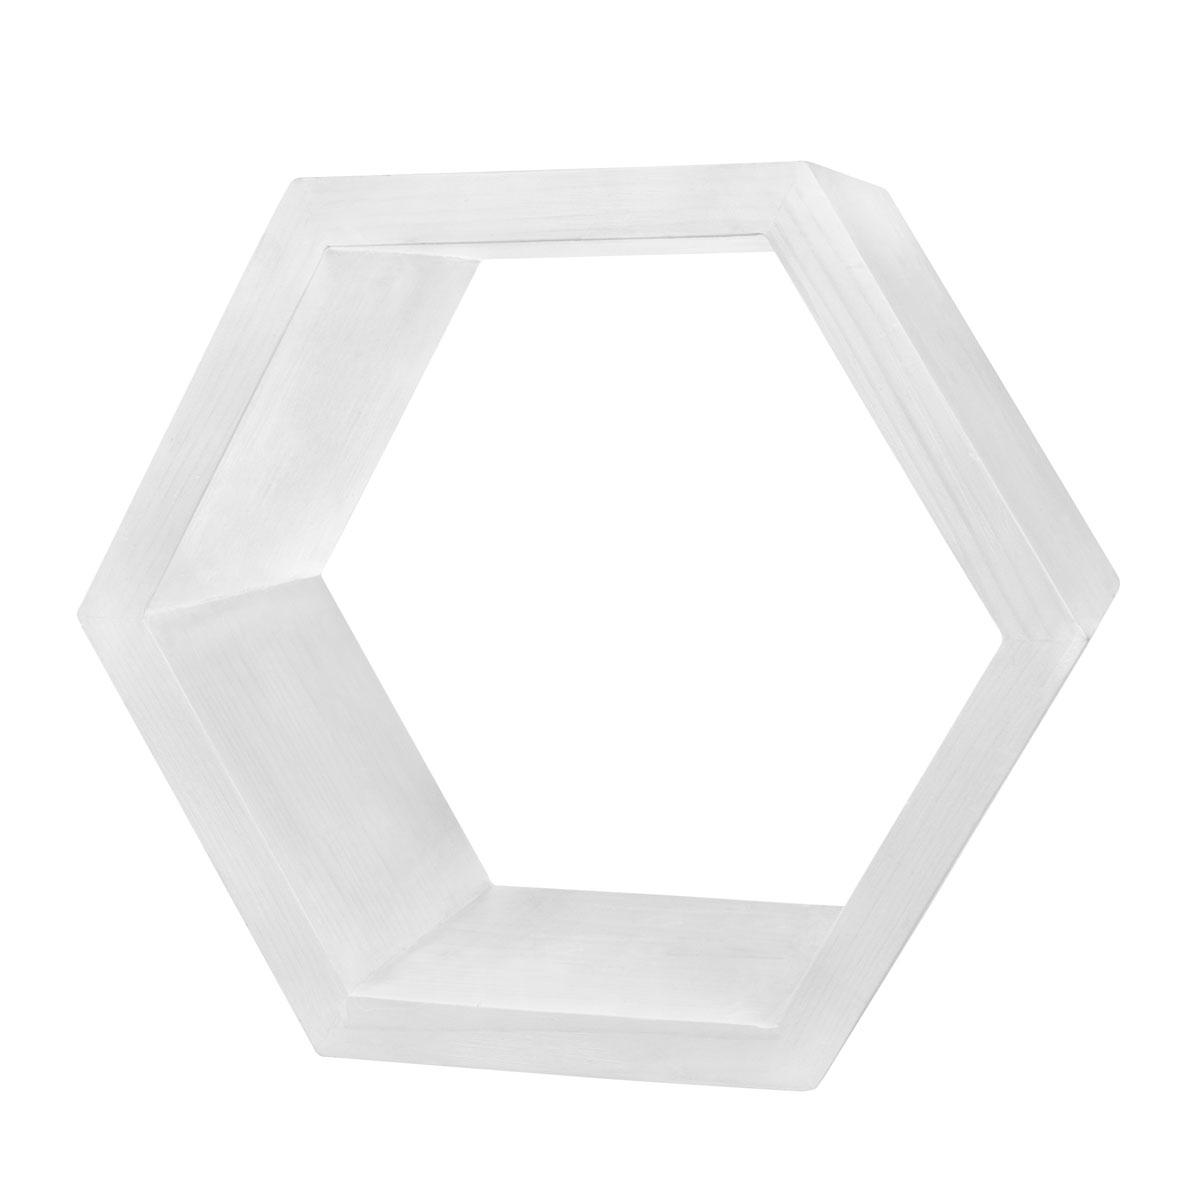 Декоративная полка EcoWoo 40 см, цвет: белыйCM000001326Оригинальные деревянные полки шестигранники. Отличное решение для декорирования комнаты. Несколько полок можно складывать в причудливые сочетания, ограниченные только вашей фантазией. Любой цвет и размер. Станьте креативными дизайнерами своего жилого пространства!